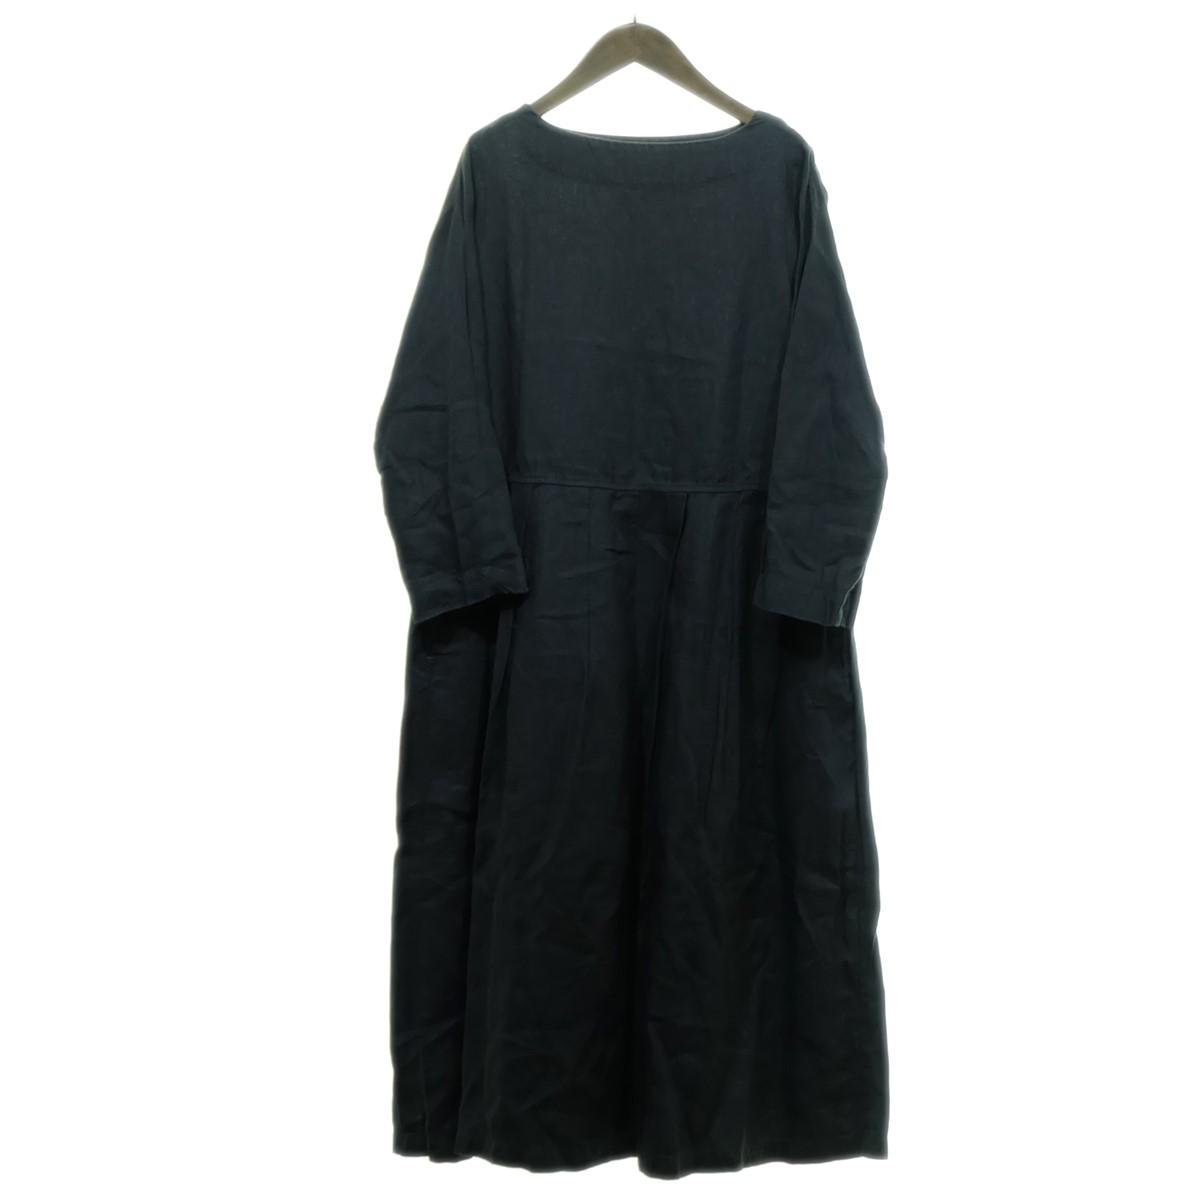 【中古】nest Robe リネンワンピース チャコールグレー 【160320】(ネストローブ)